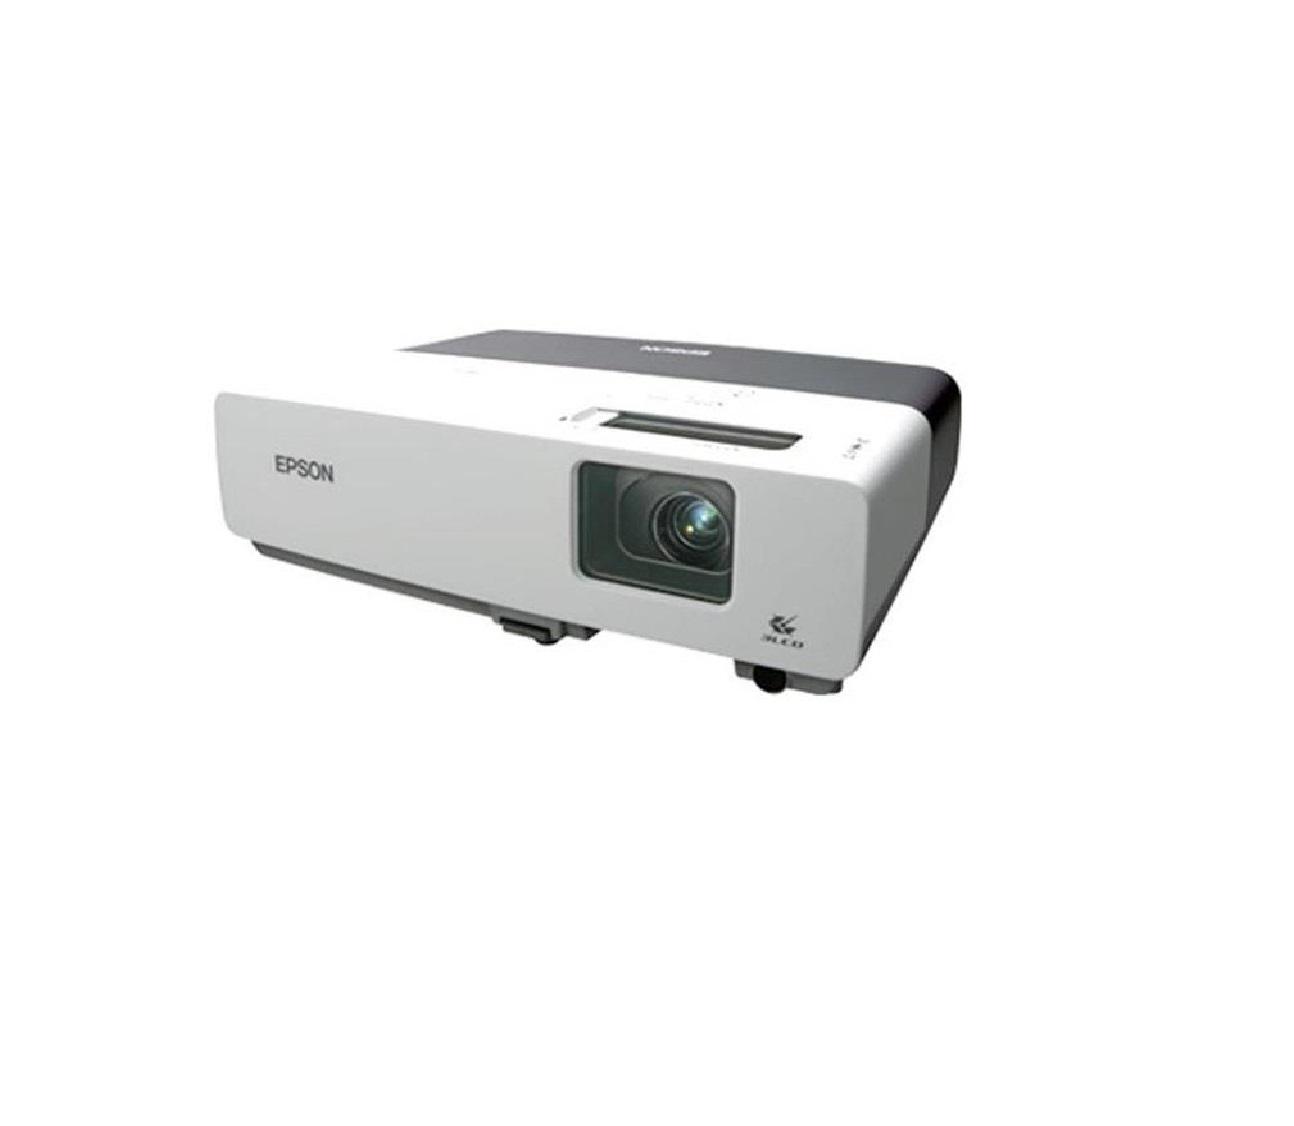 ویدو پروژکتور استوک مدل 83 3LCD XGA